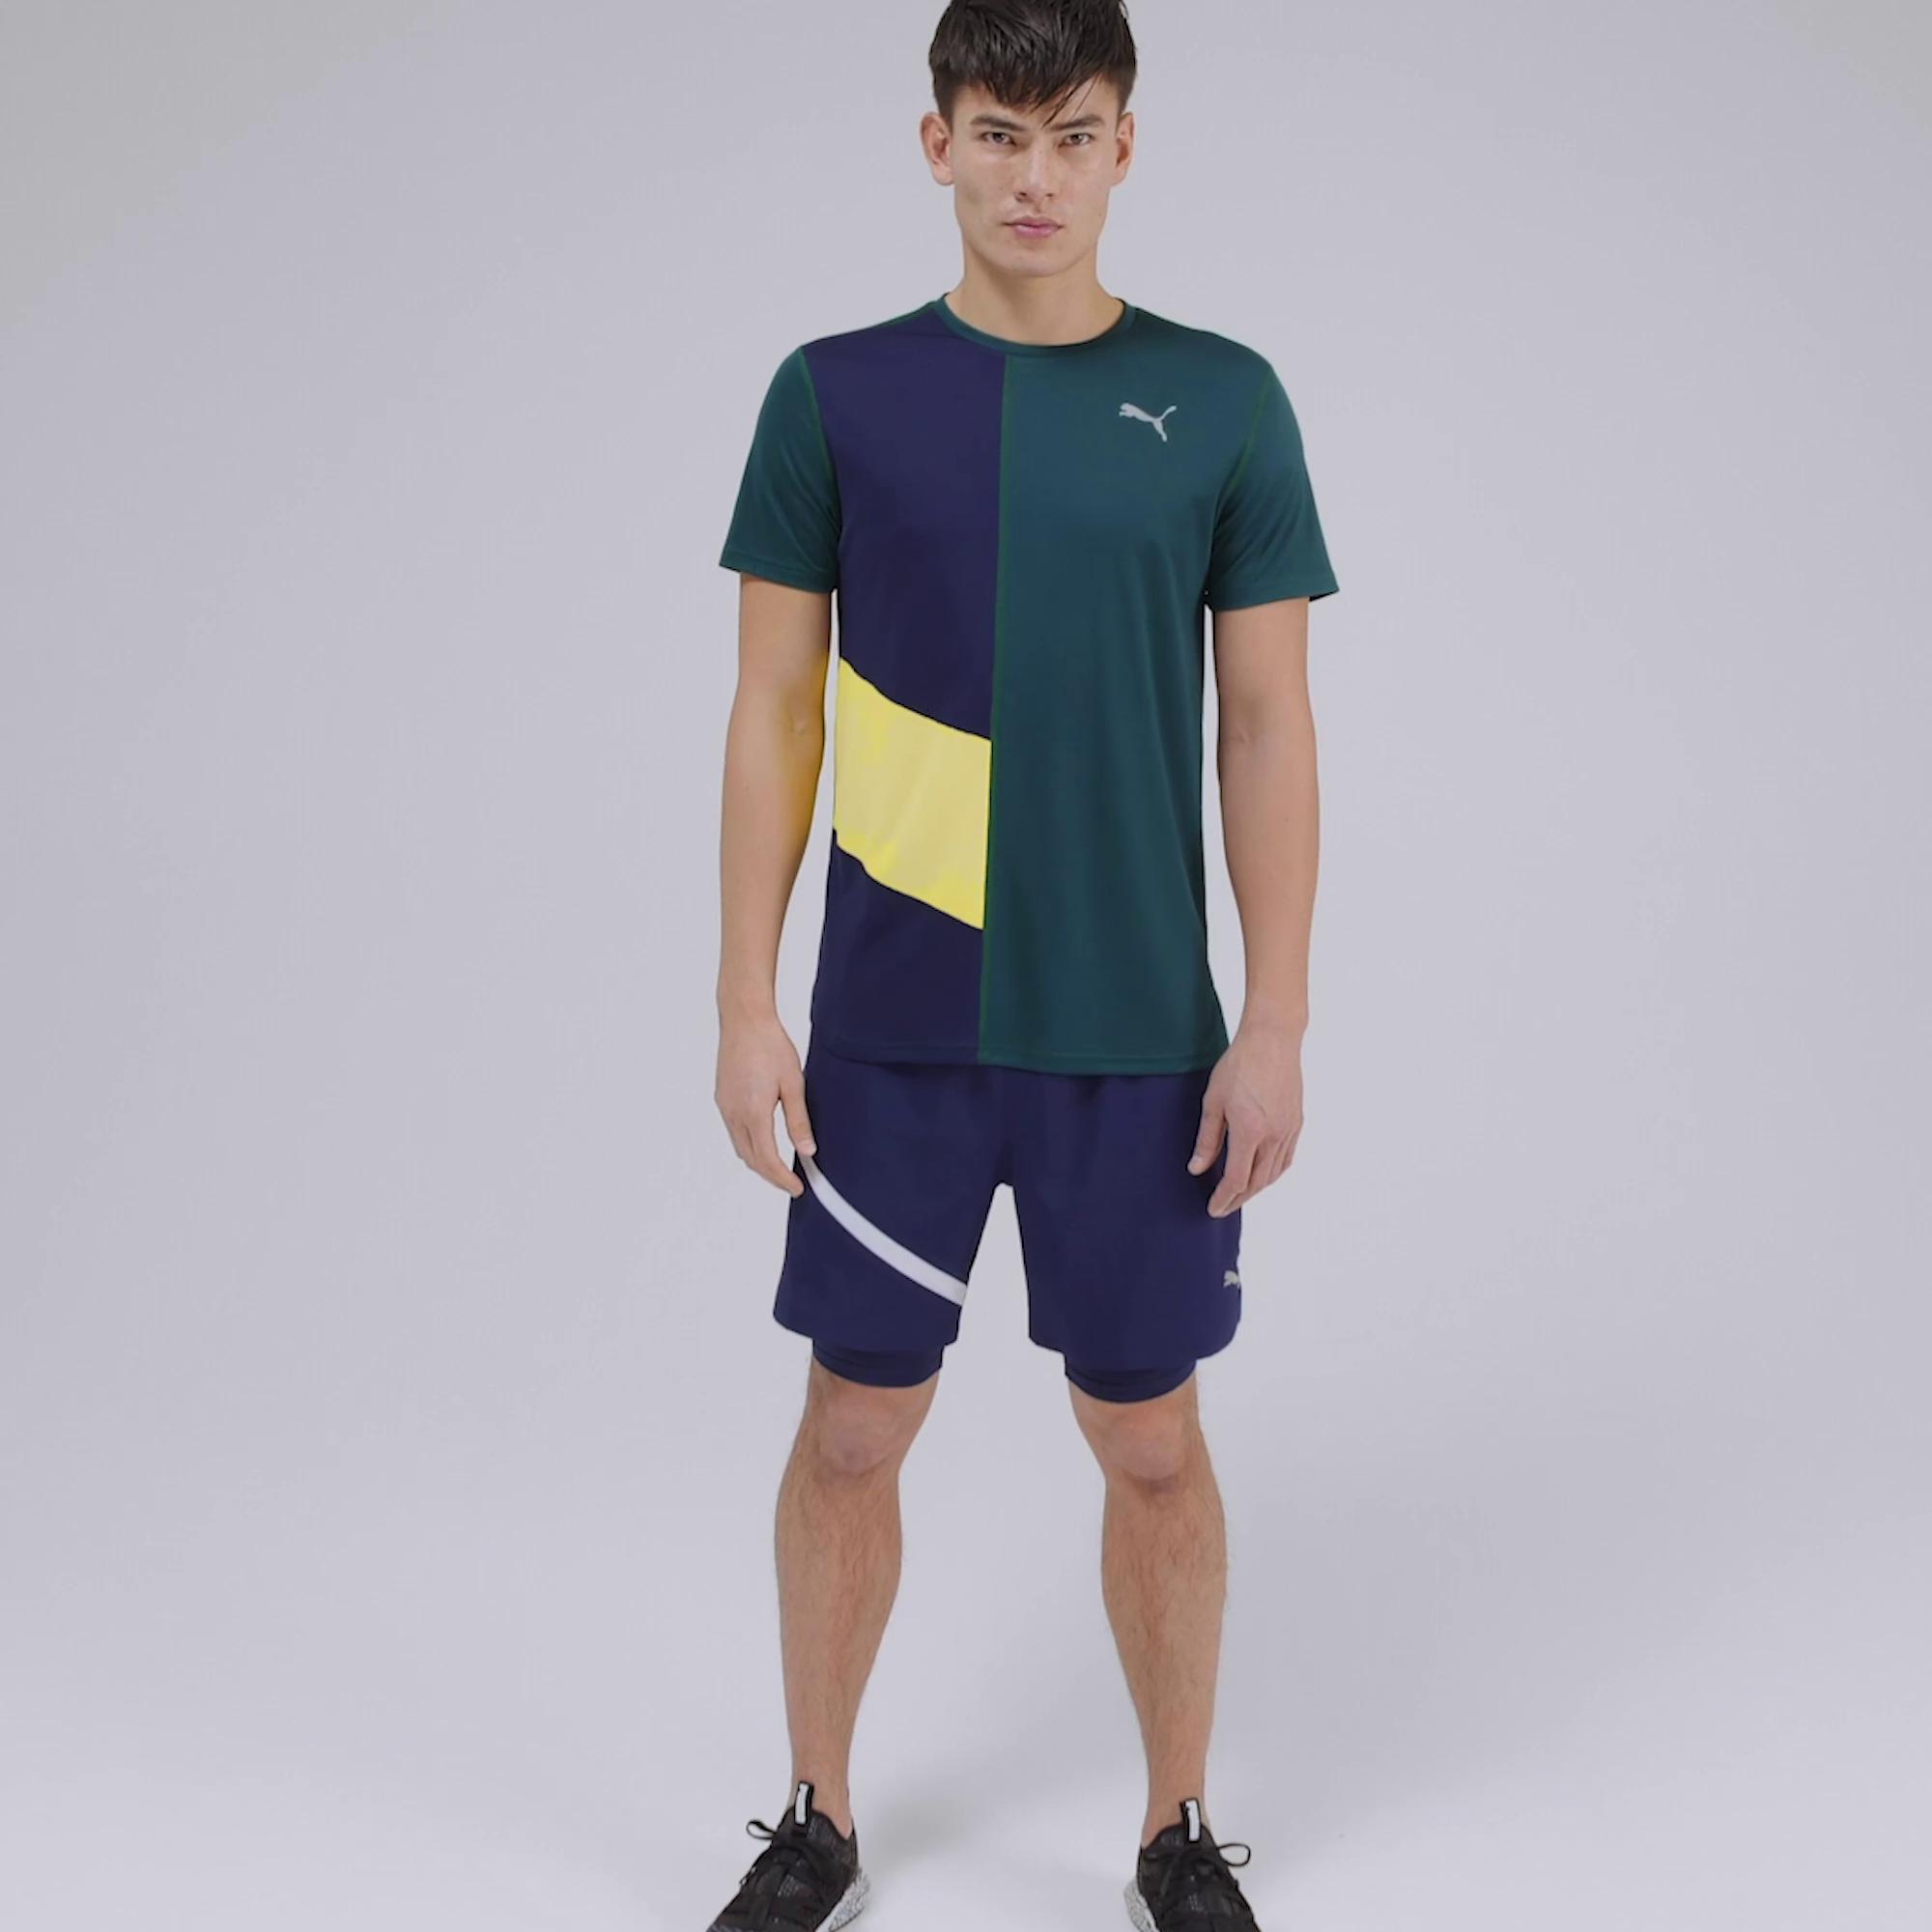 Image Puma IGNITE Men's Running T-Shirt #6